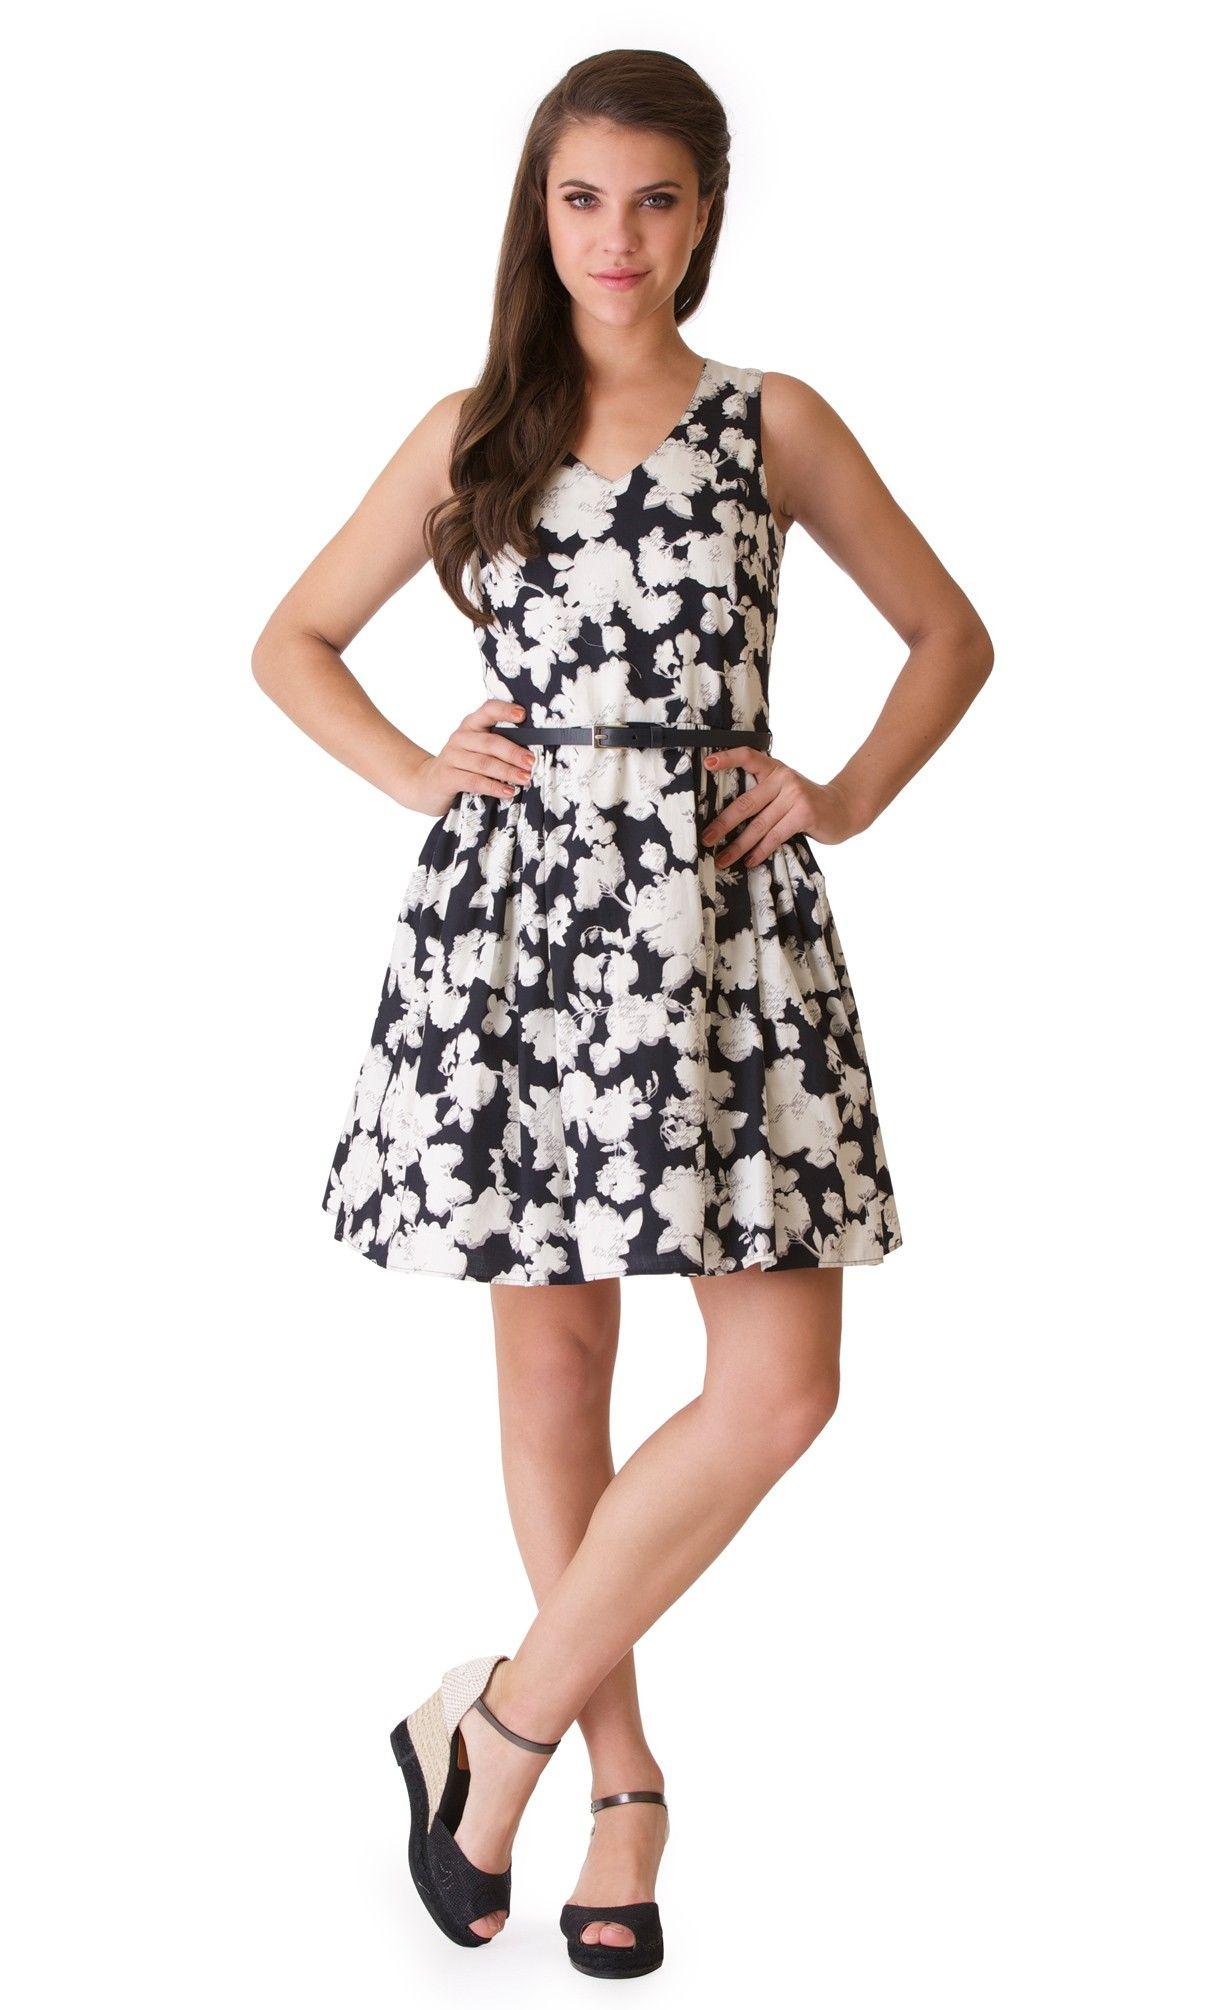 IVONNE Petite \México \SS15 $1,399.00 Vestido Escote